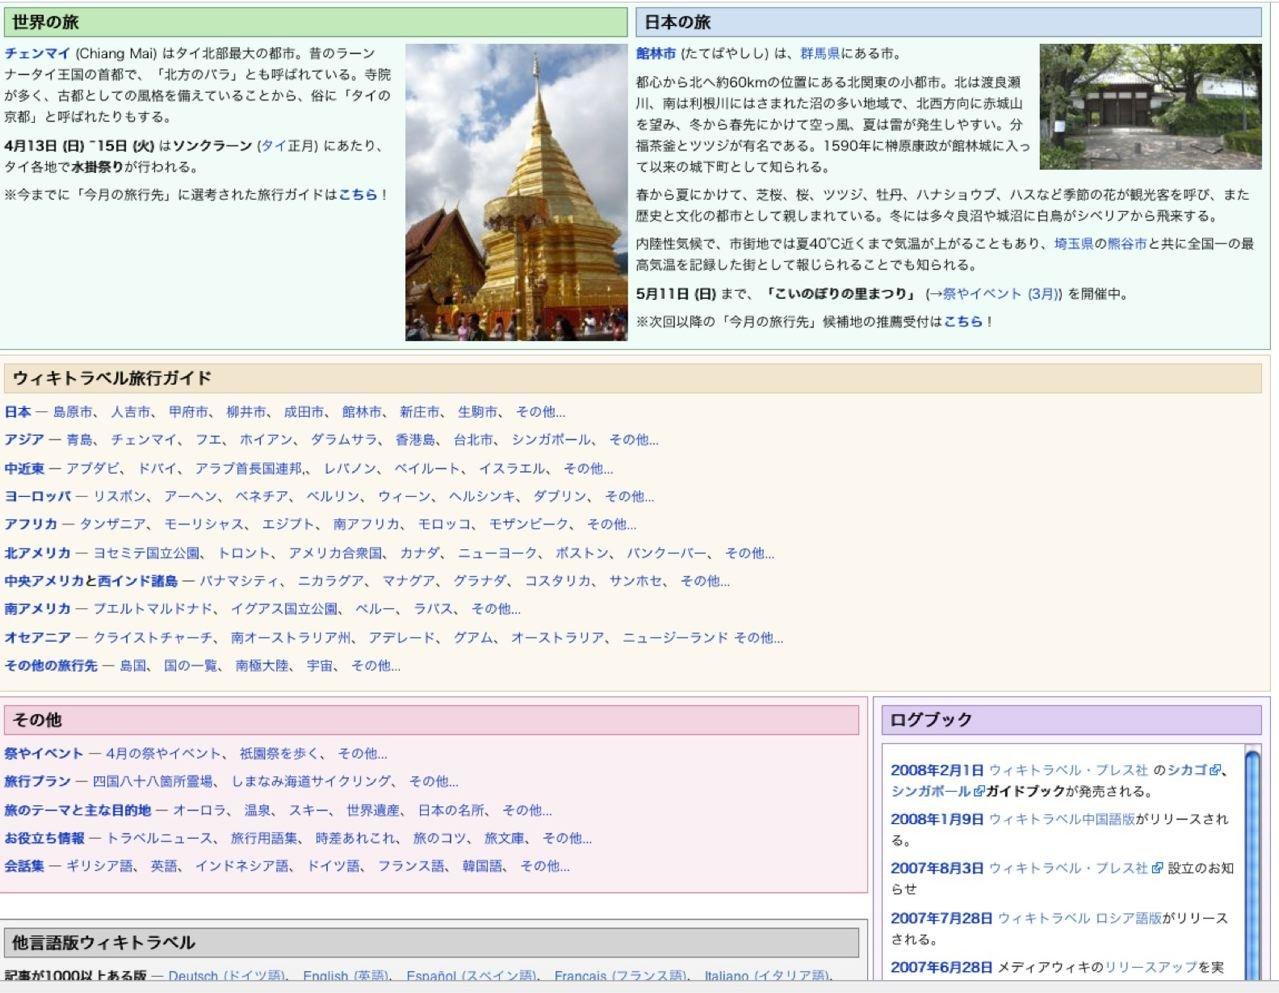 La page Tokyo en Japonais